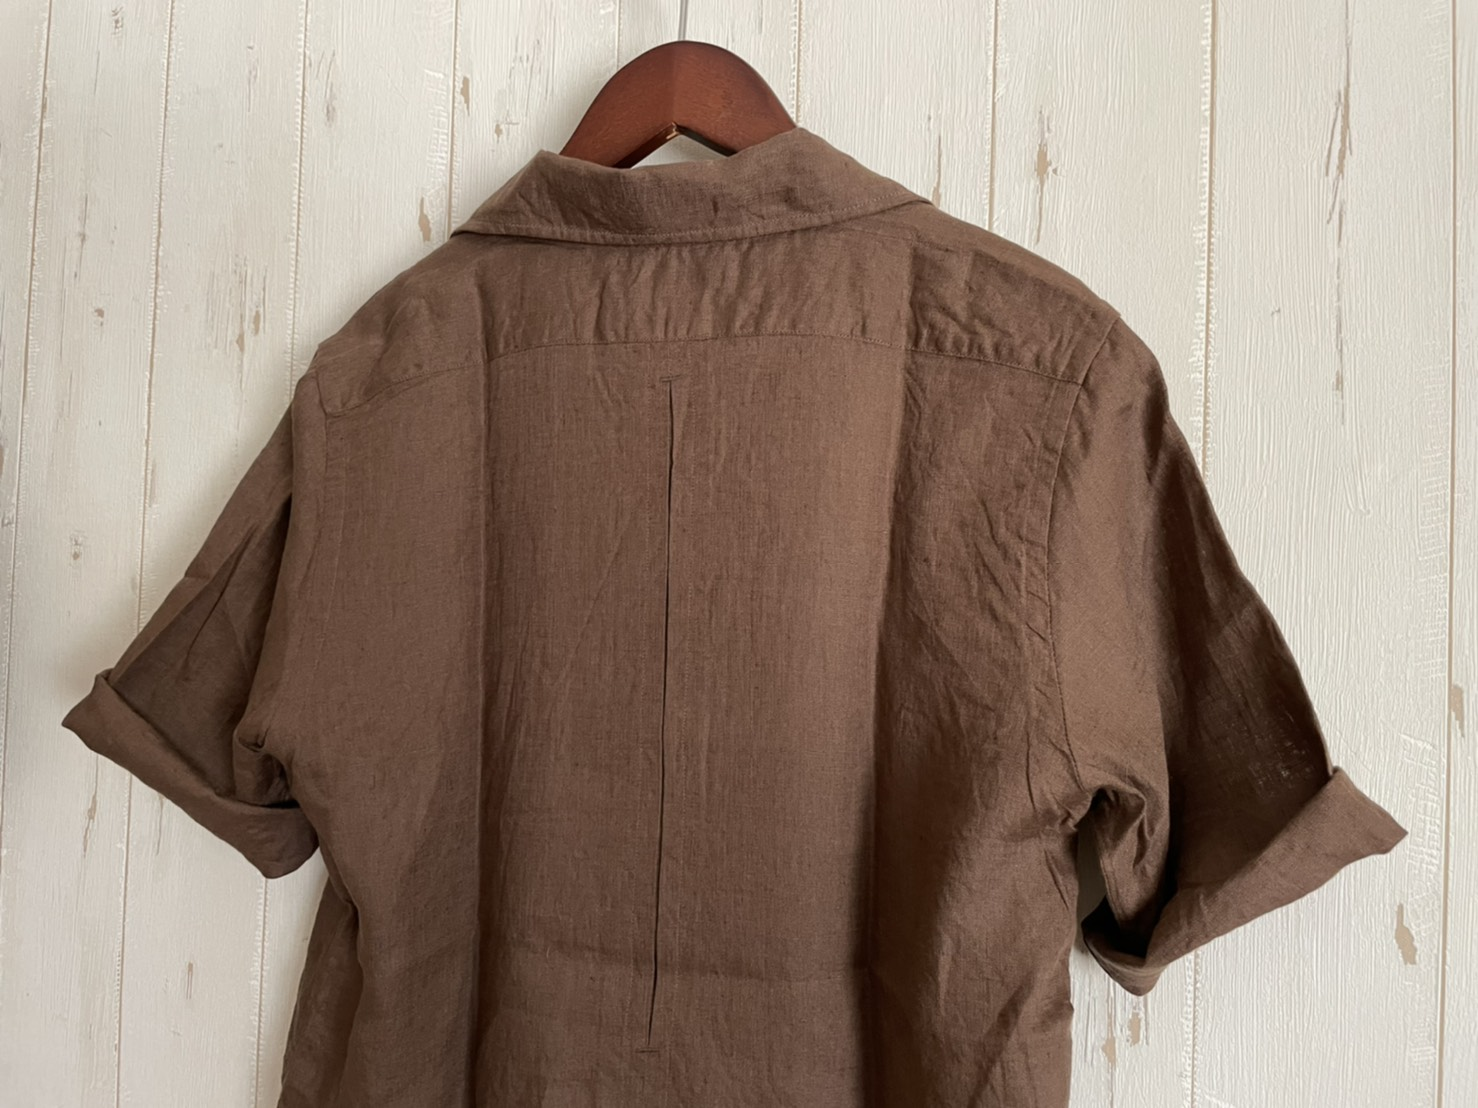 SOUTIENCOL Audrey リネンの半袖オープンシャツオードリー